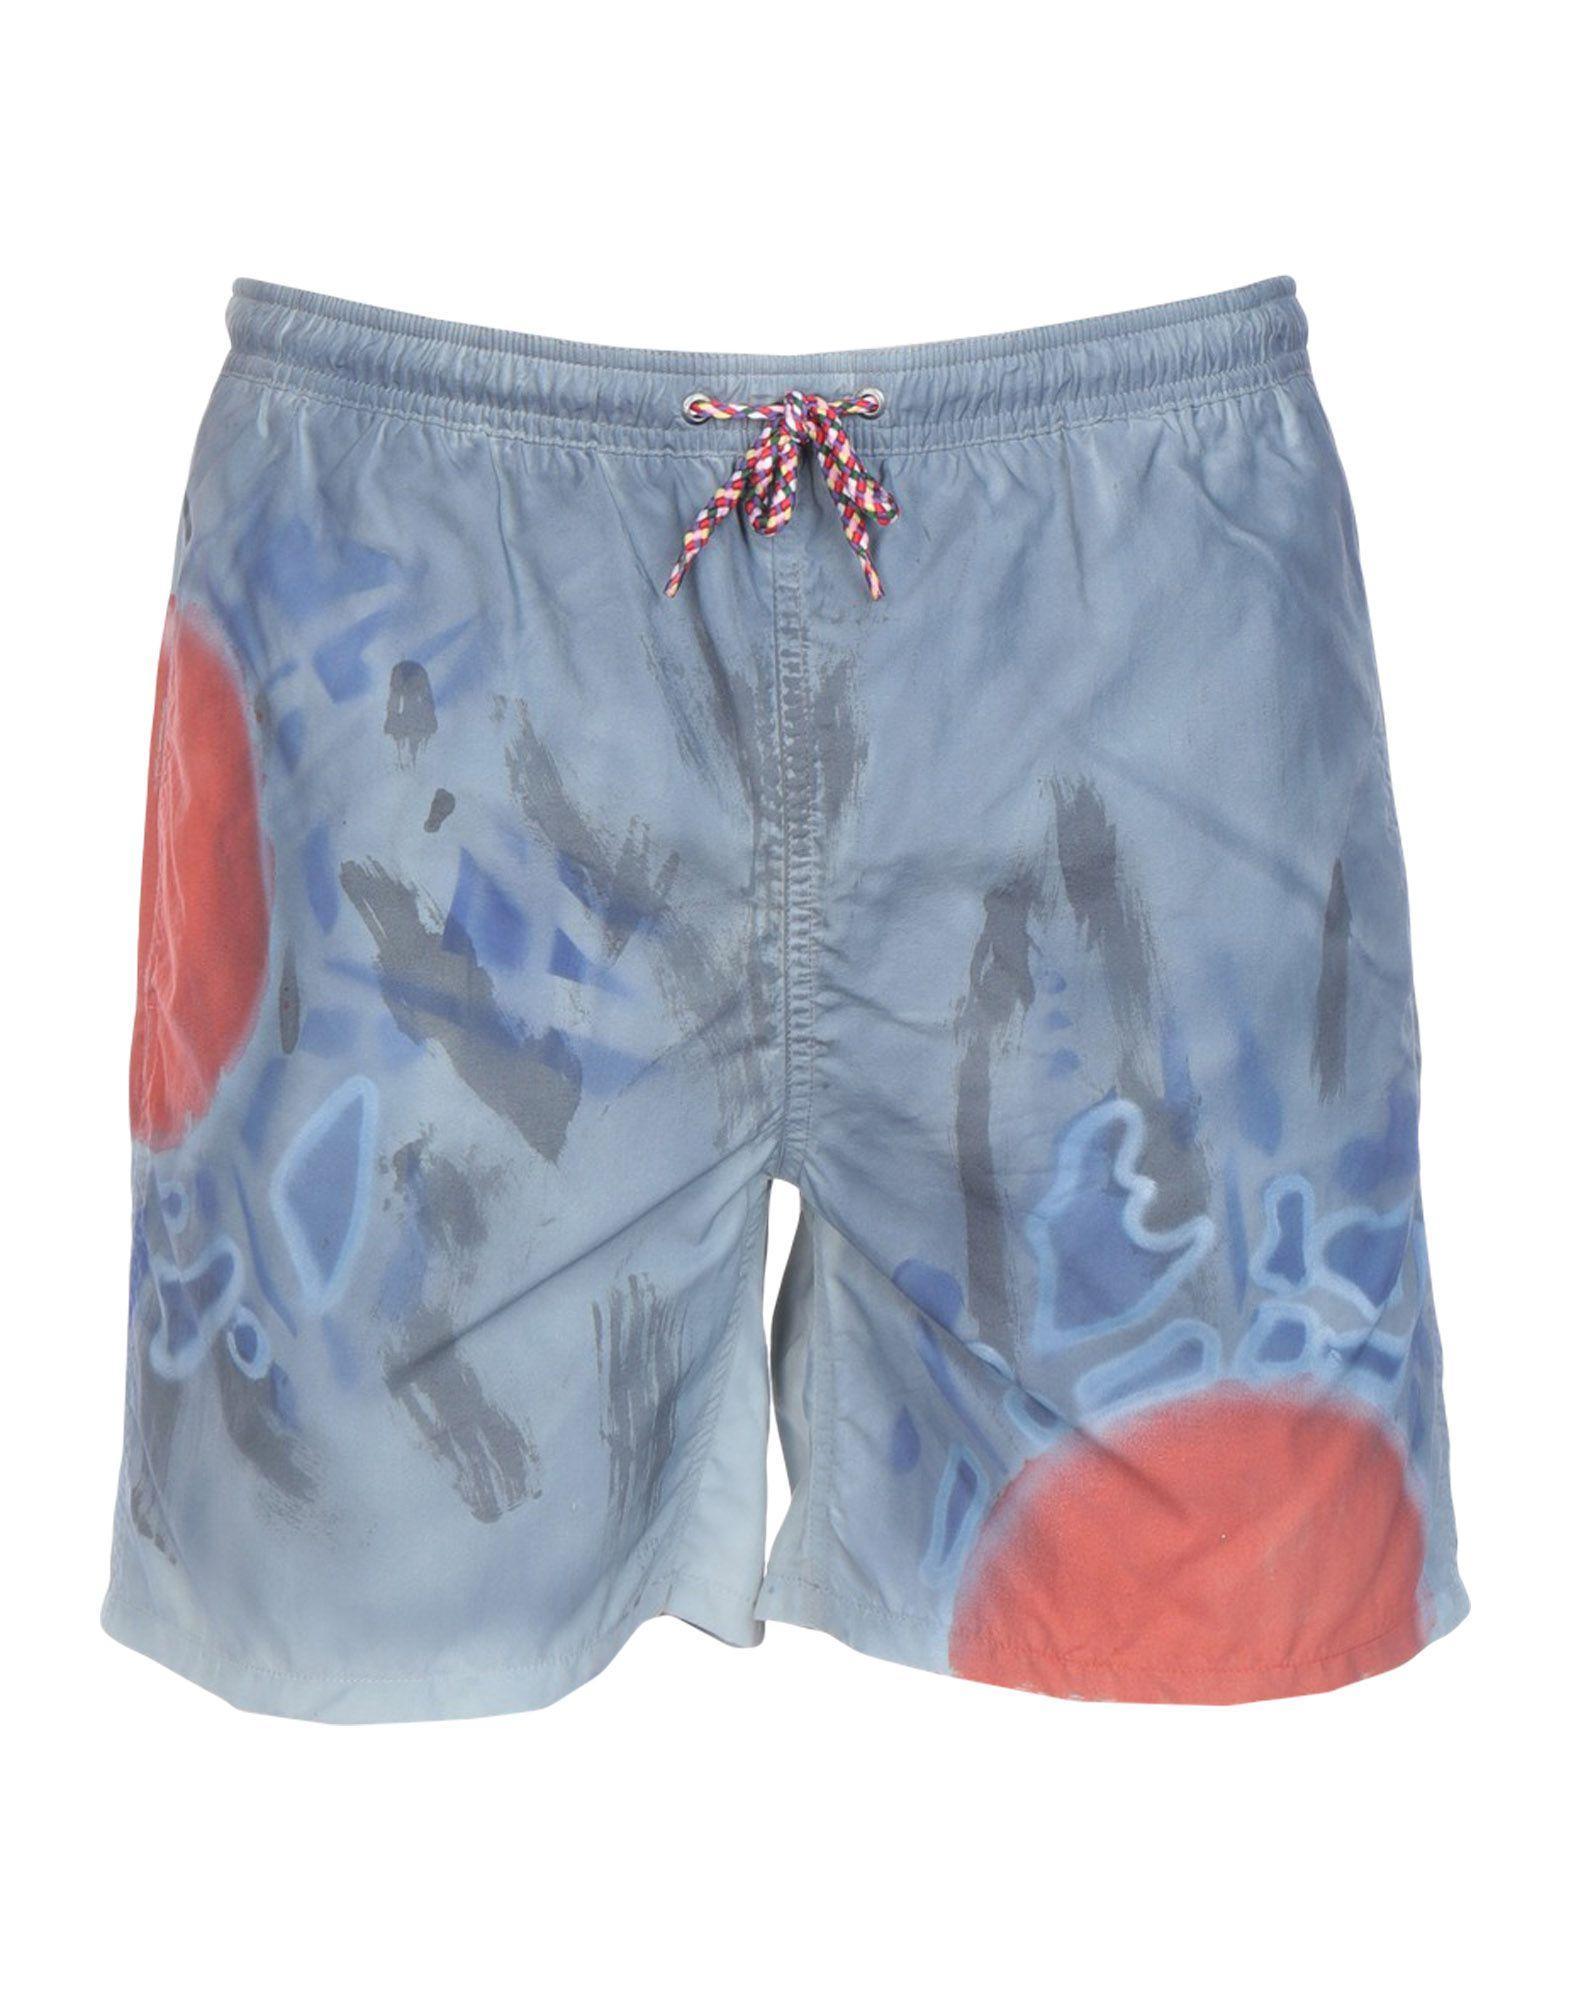 b3063df507 Swim-Ology Swim Trunks in Gray for Men - Lyst